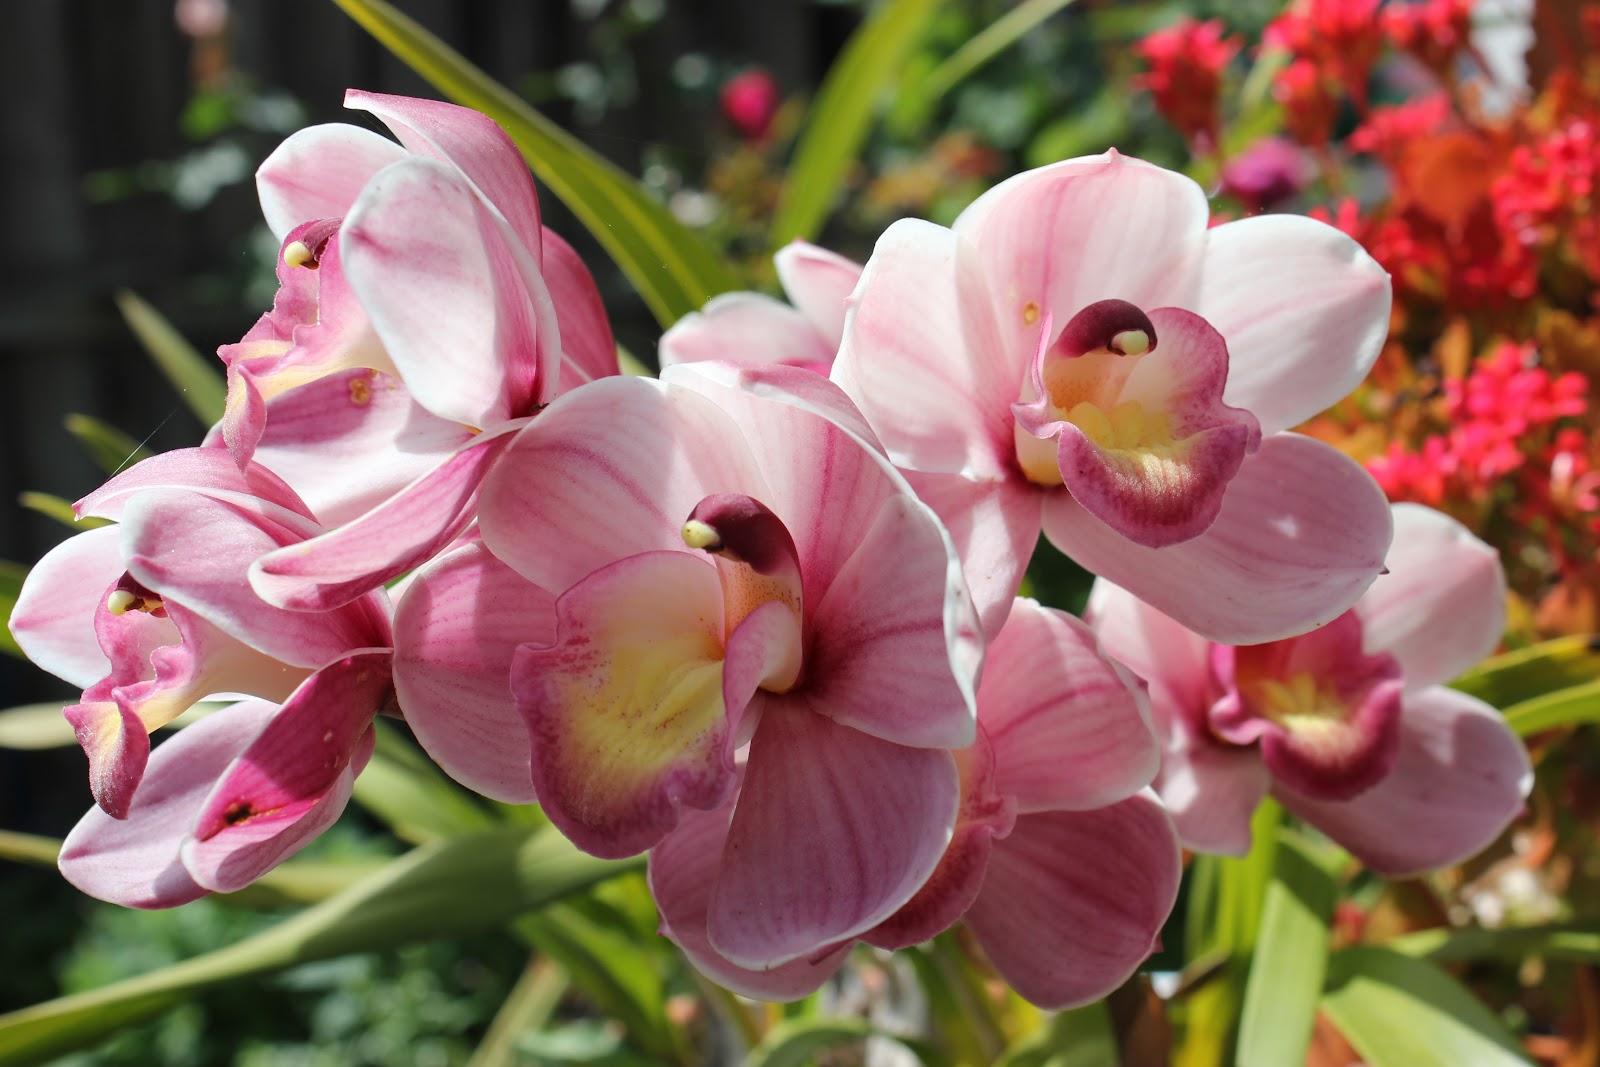 Cuộc Sống và Thi Ca: Mùa Xuân và những cánh hoa trong vườn